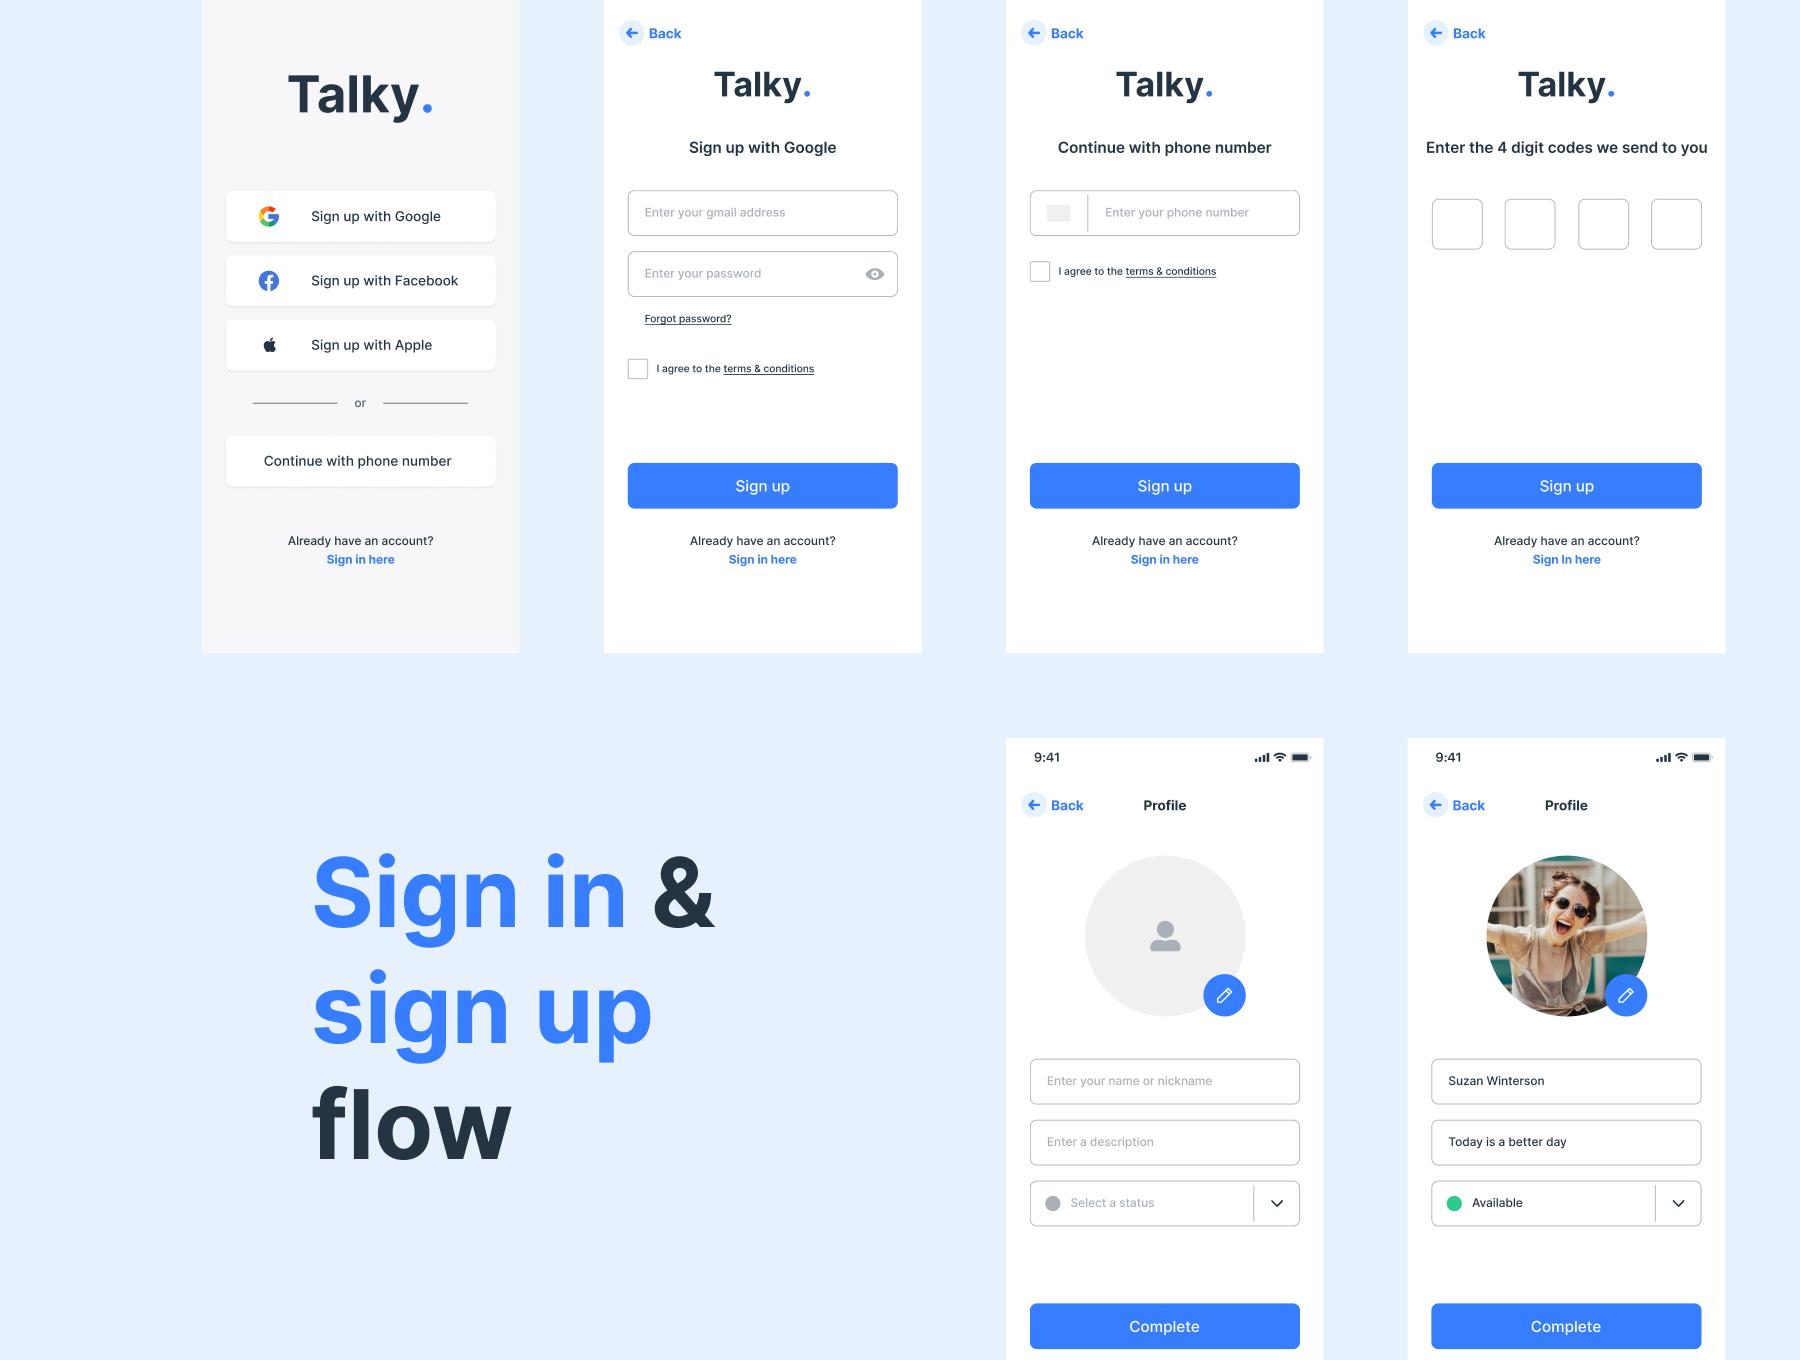 聊天交友短视频APP应用程序设计UI套件 Talky Chat & Video Messenger App插图3